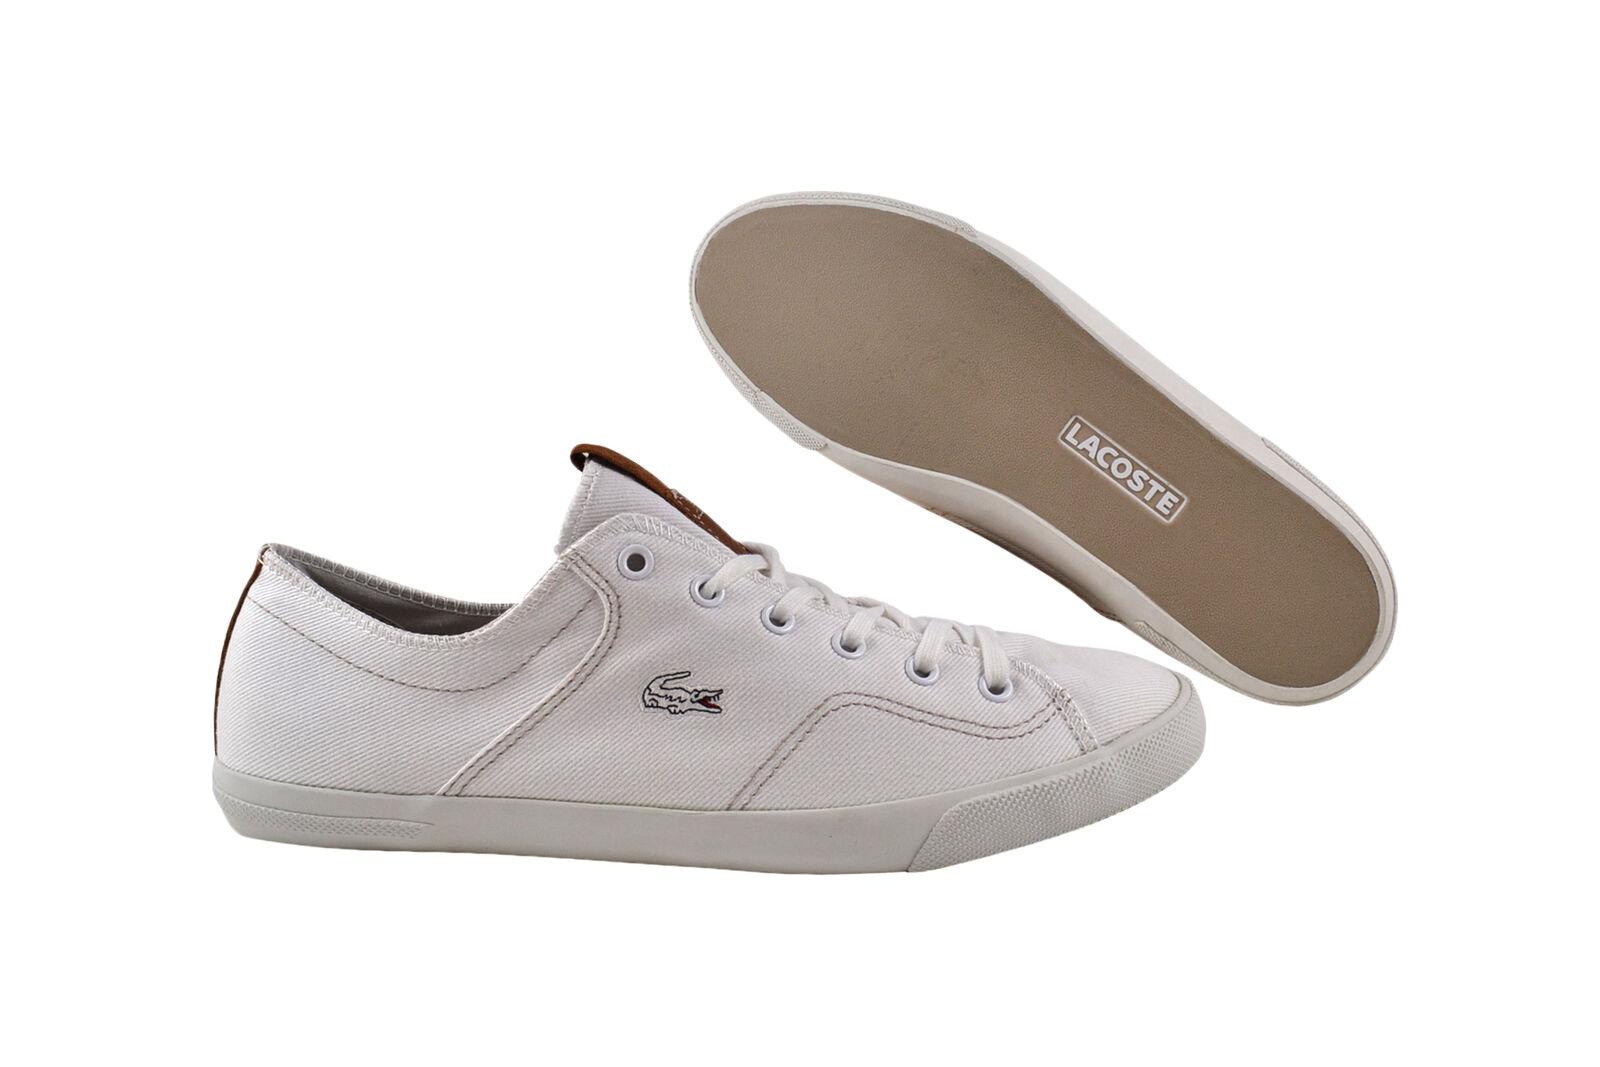 LACOSTE RAMER CRE SPM White/Light Gray Sneaker/Scarpe bianche Scarpe classiche da uomo